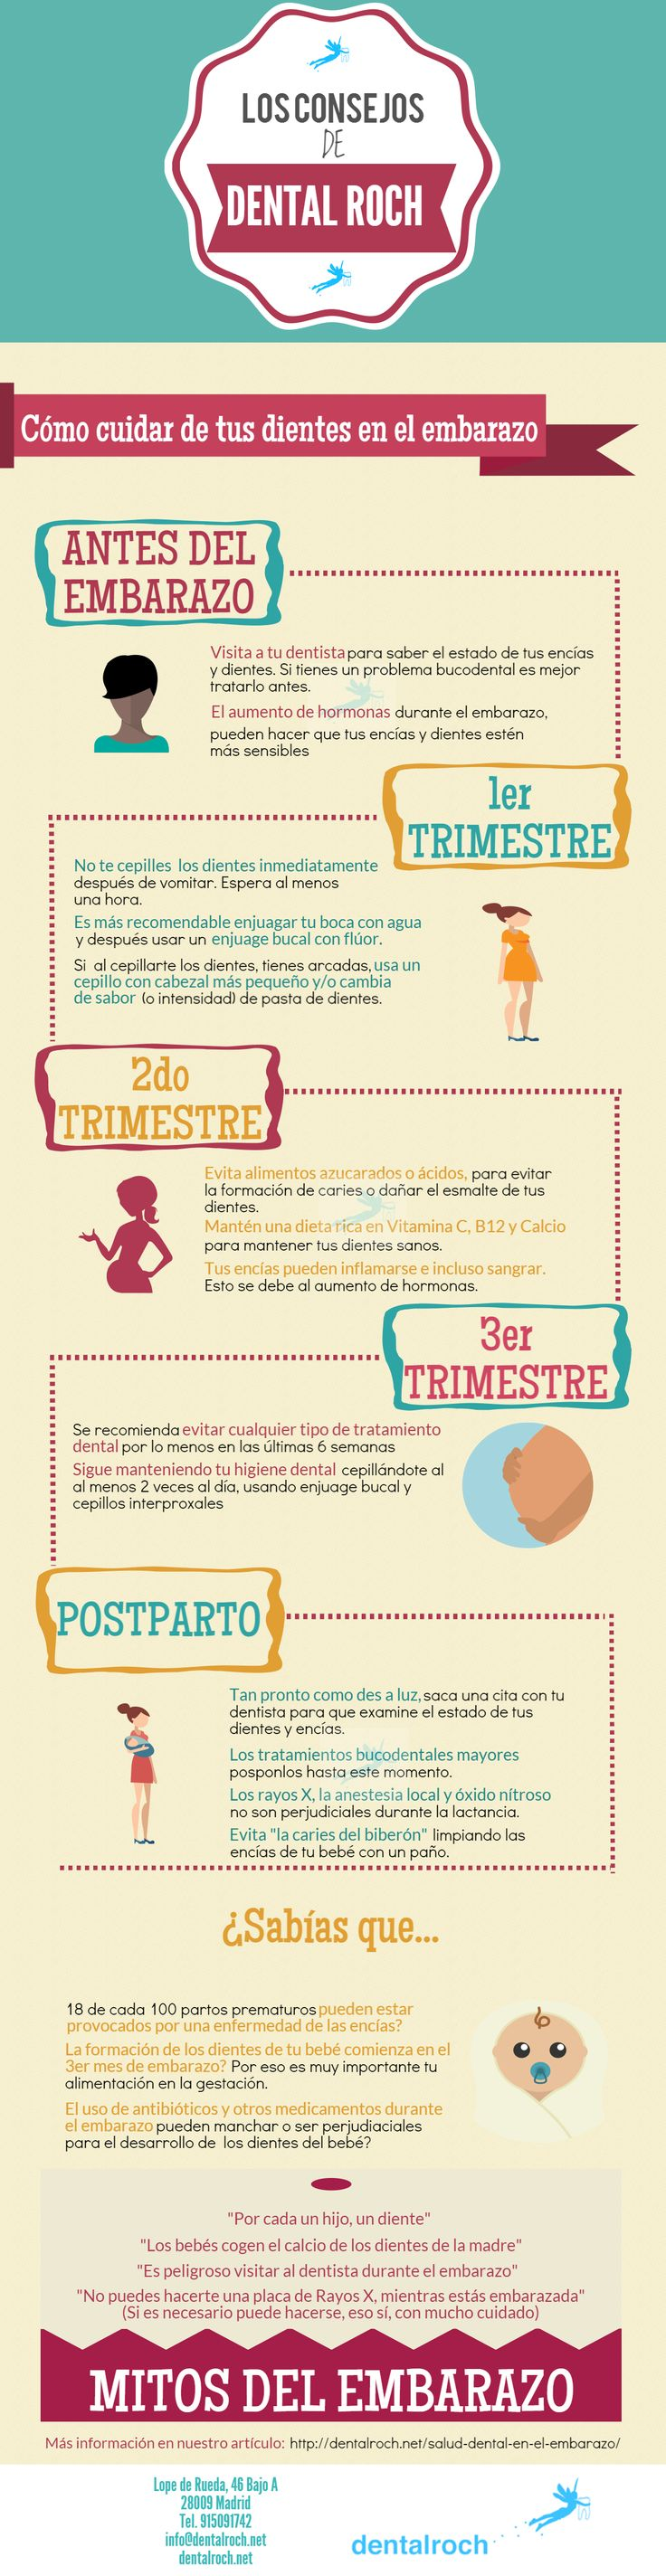 Cómo cuidar tus dientes en el embarazo. Desde antes de quedarte embarazada hasta el post parto. #cuidado #dental #embarazo Importante visitar al dentista antes del embarazo para ver si necesitas un tratamiento urgente. Cómo las náuseas y vómitos pueden afectar el esmalte de tus dientes. Qué hacer si te da asco la pasta dental. Qué tipo de alimentos son buenos para tus dientes durante el embarazo. Sangrado de encías en el embarazo